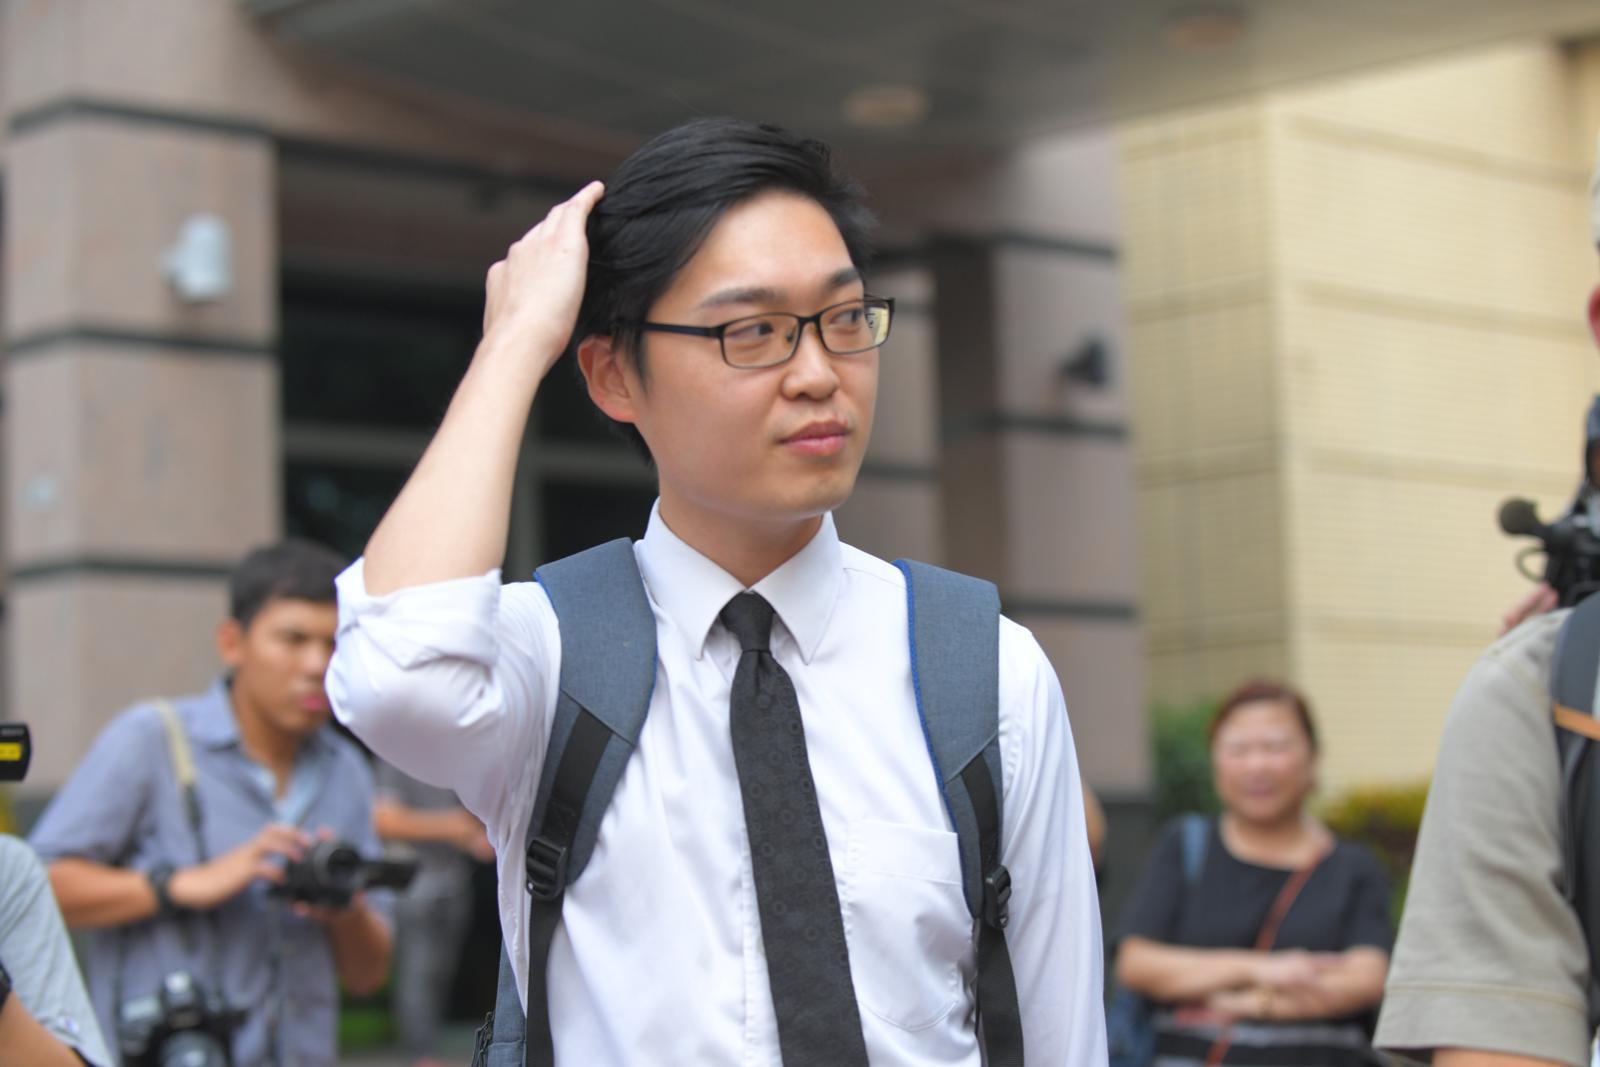 陈浩天称往法院途中遇袭 遭多名南亚汉电筒袭击头盘骨受伤